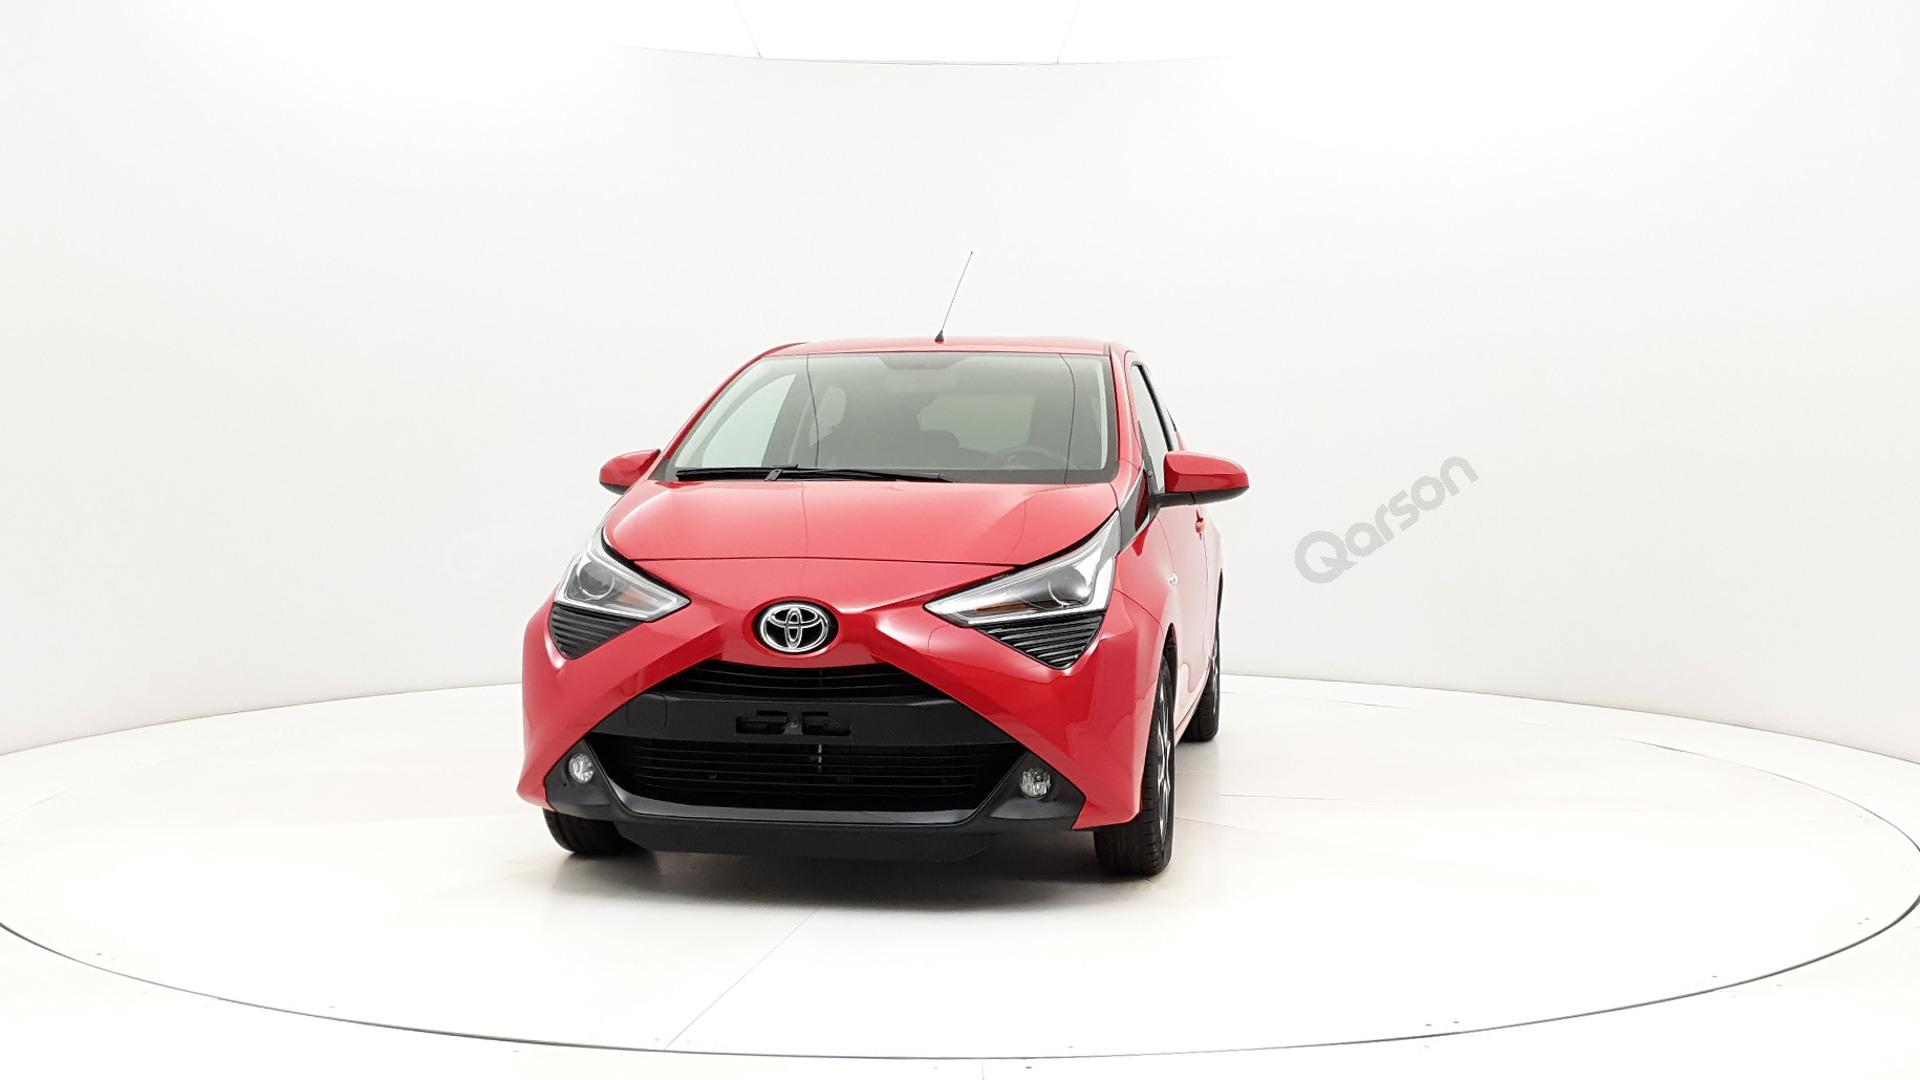 Toyota Aygo 5D Widok przodu samochodu lewy bok 10 stopni